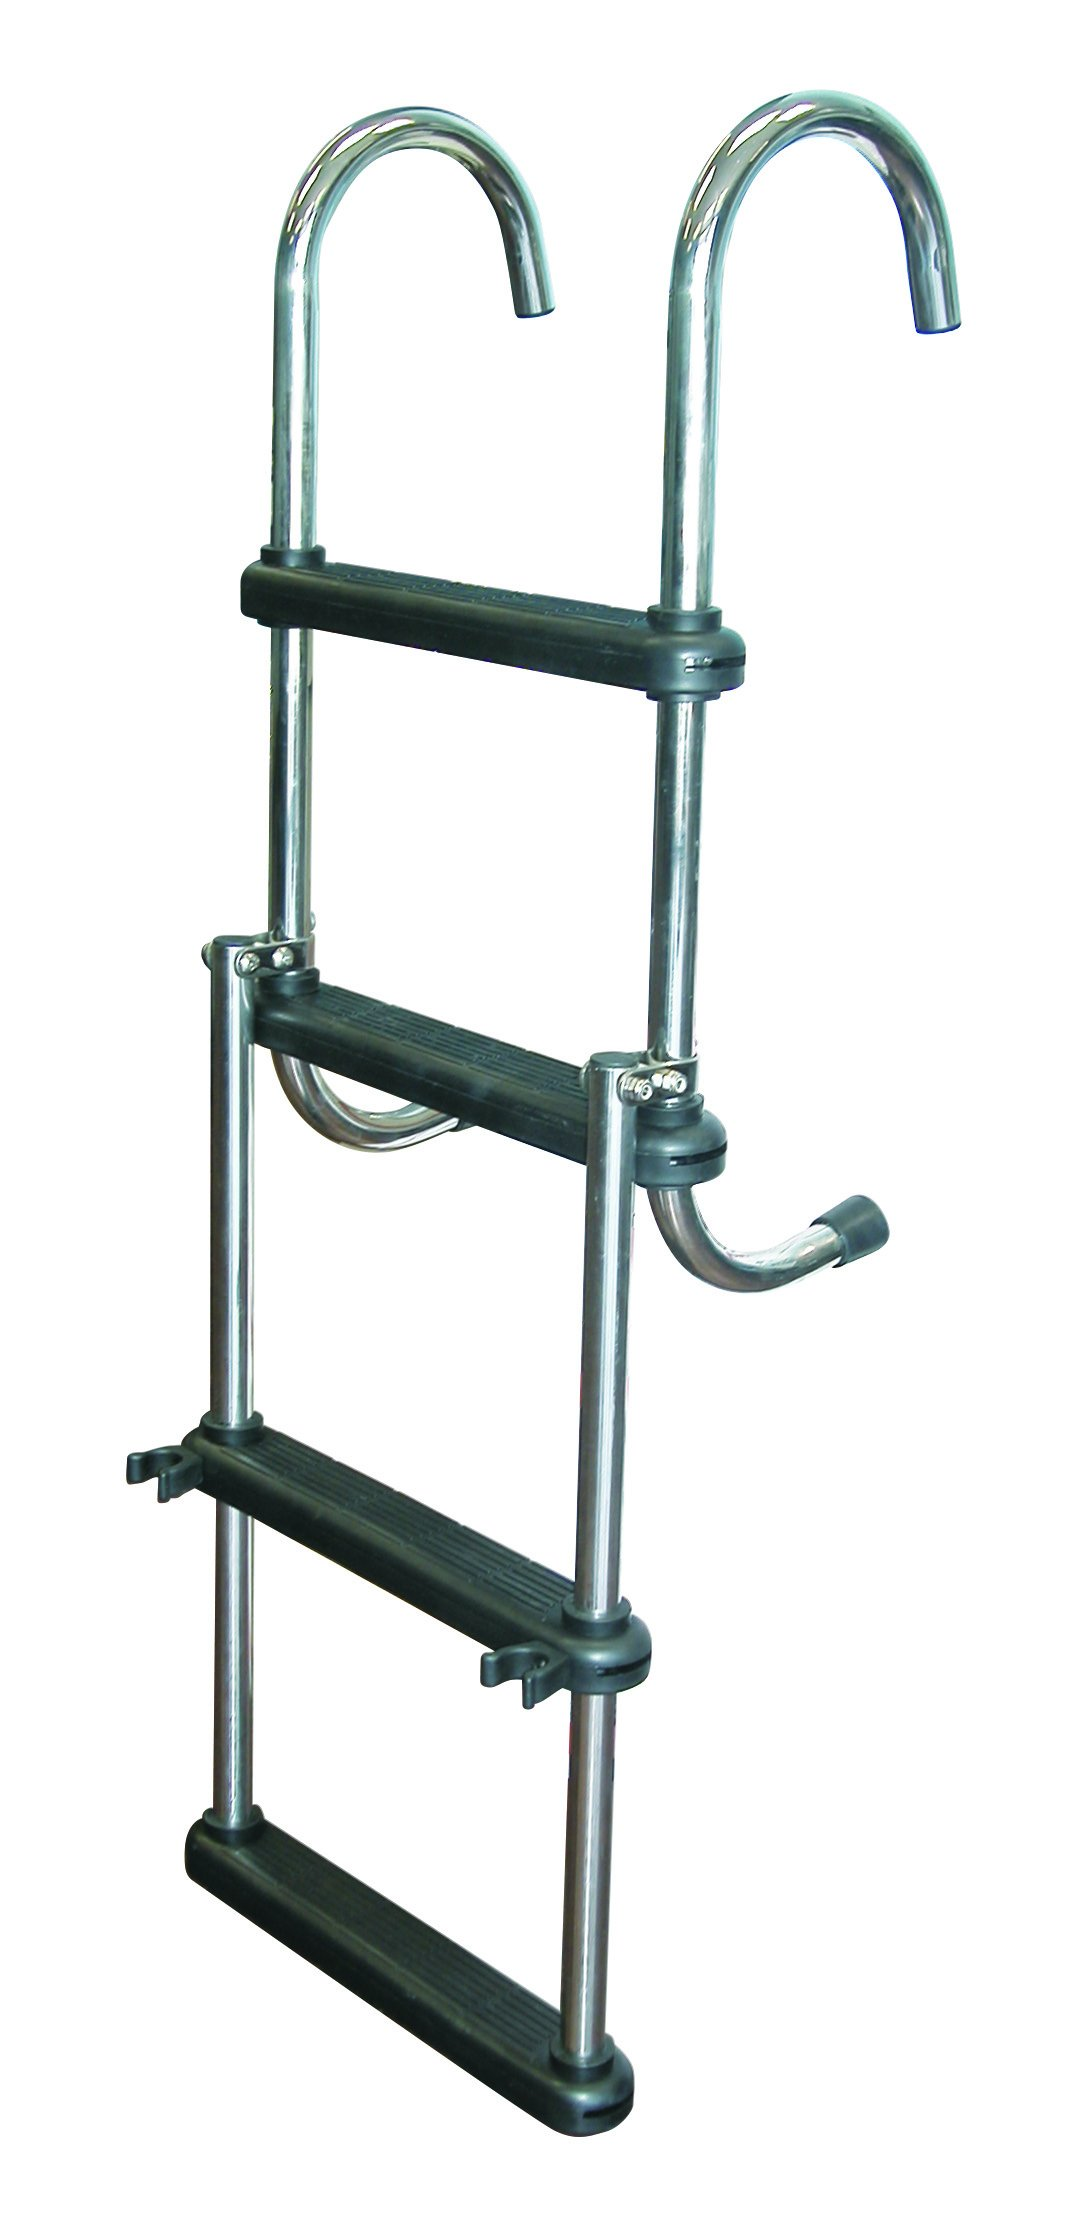 JIF MARINA 4 paso escalera plegable de extraíble, acero inoxidable 316 pontón & casa barco escaleras: Amazon.es: Deportes y aire libre